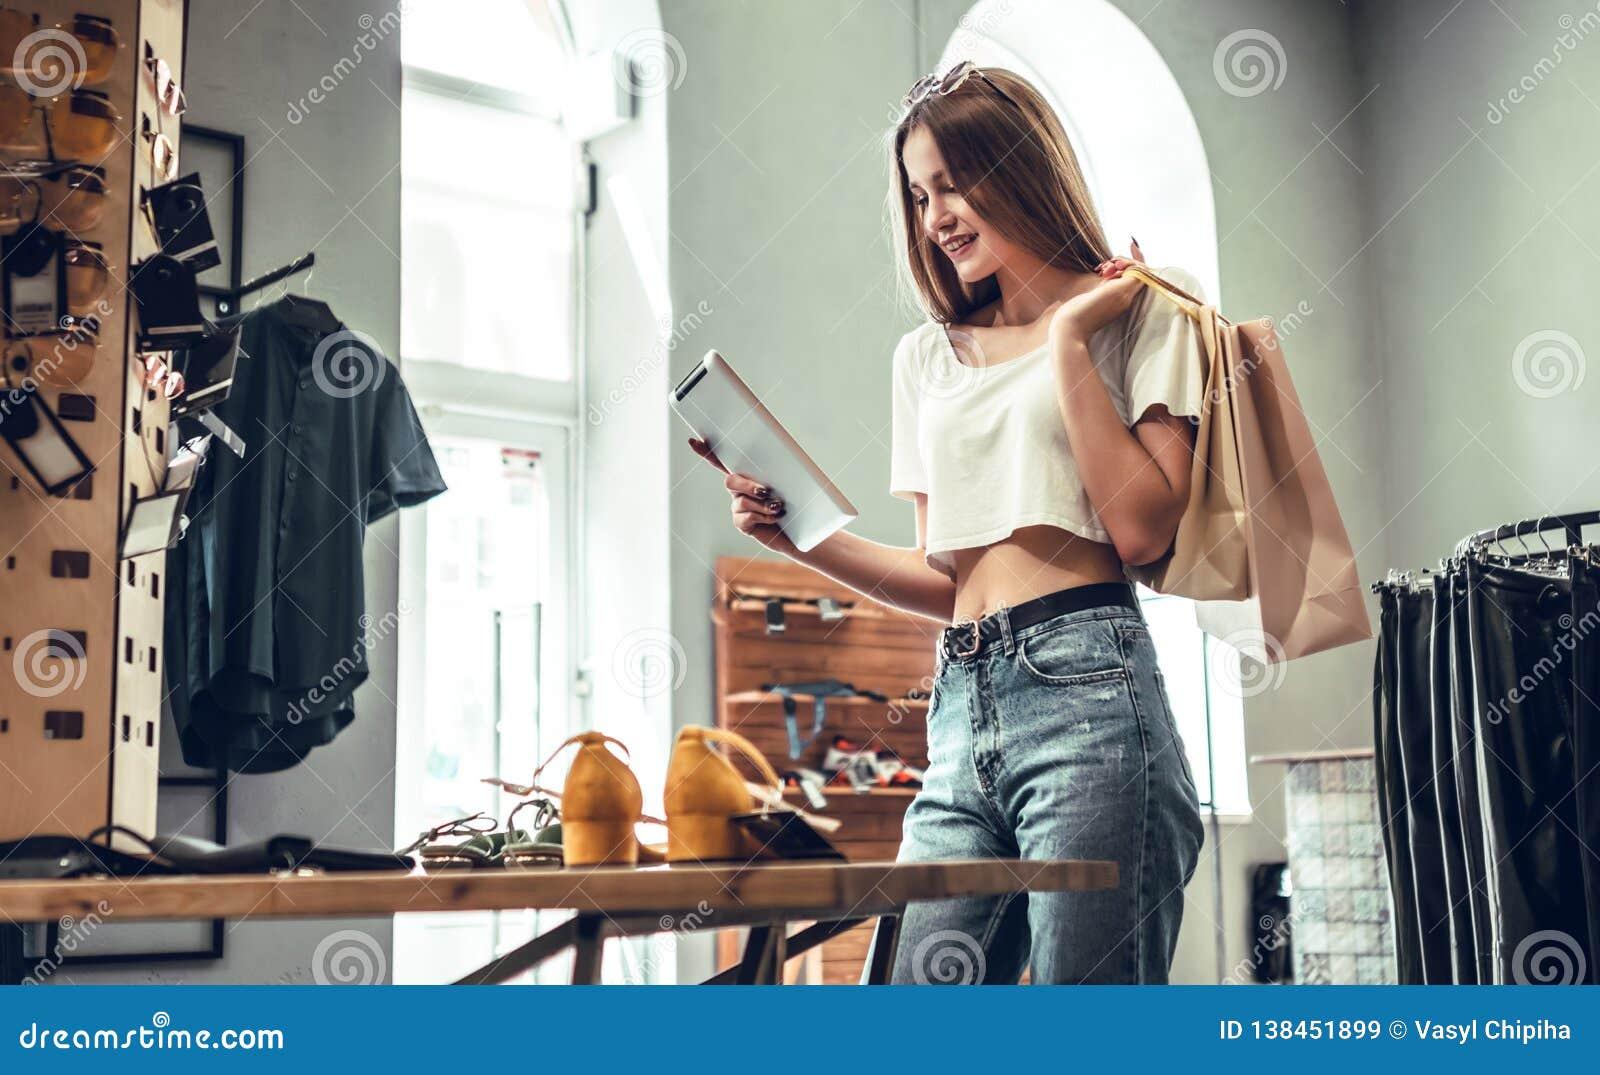 ¿Compras en línea o no? Mujer hermosa con la tableta digital en la tienda La morenita de moda en ropa elegante elige los zapatos